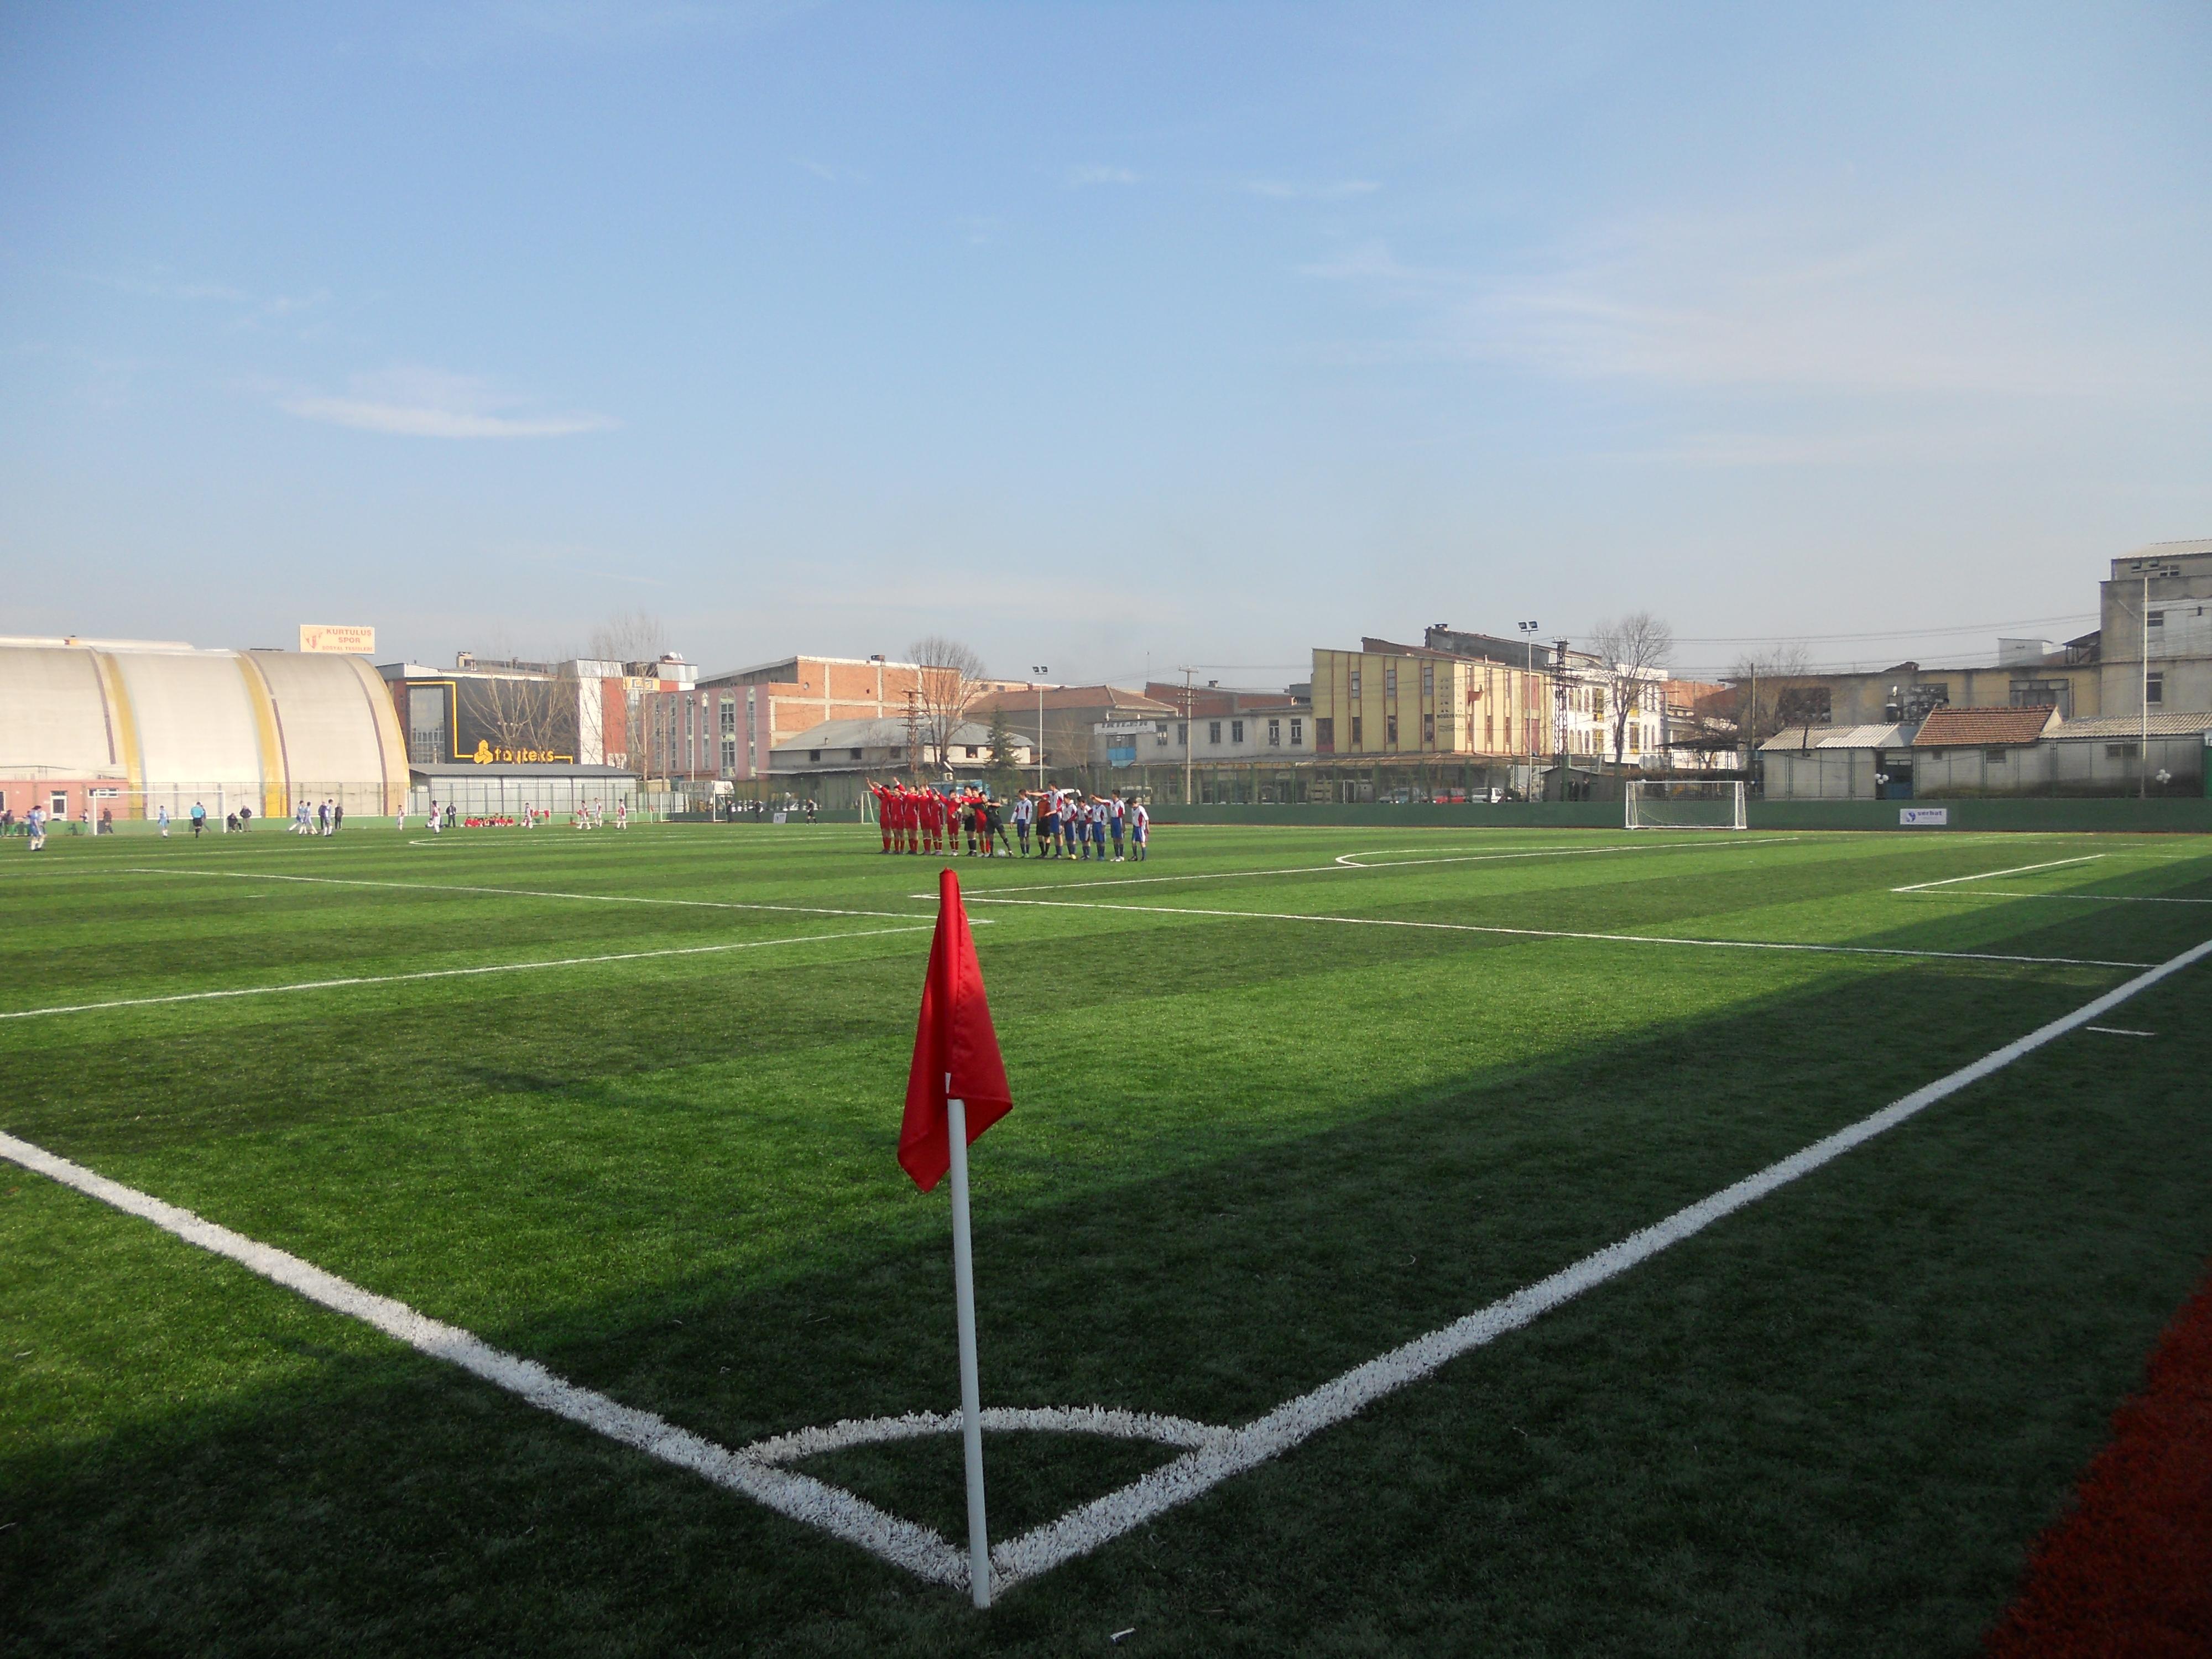 İnegol-Belediyesi-Standart-Futbol-Sahasi-No-2